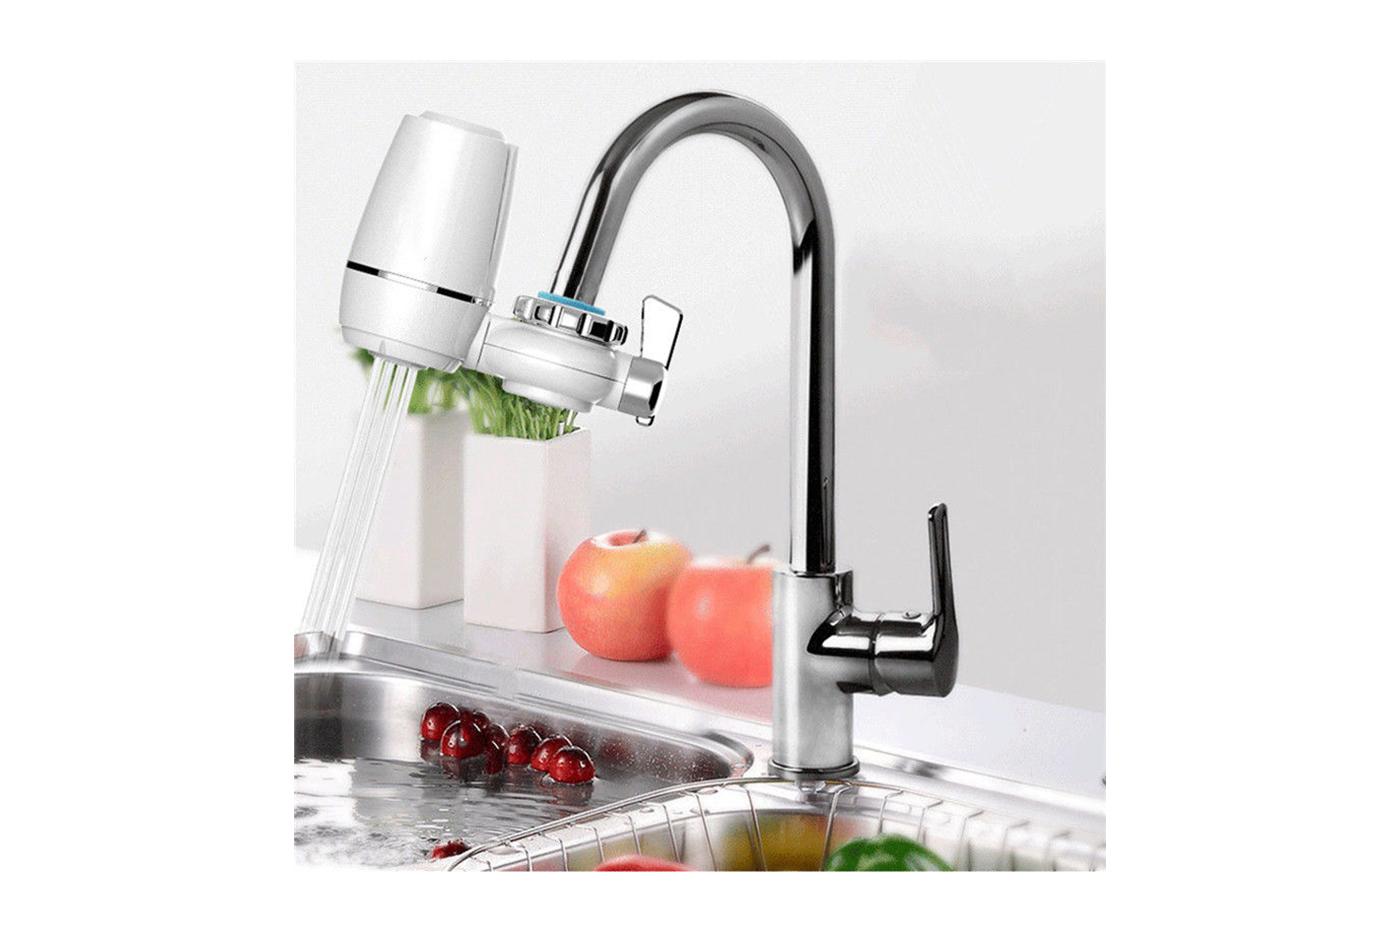 Purificatore filtro acqua rubinetto purifica cucina cloro zsw a